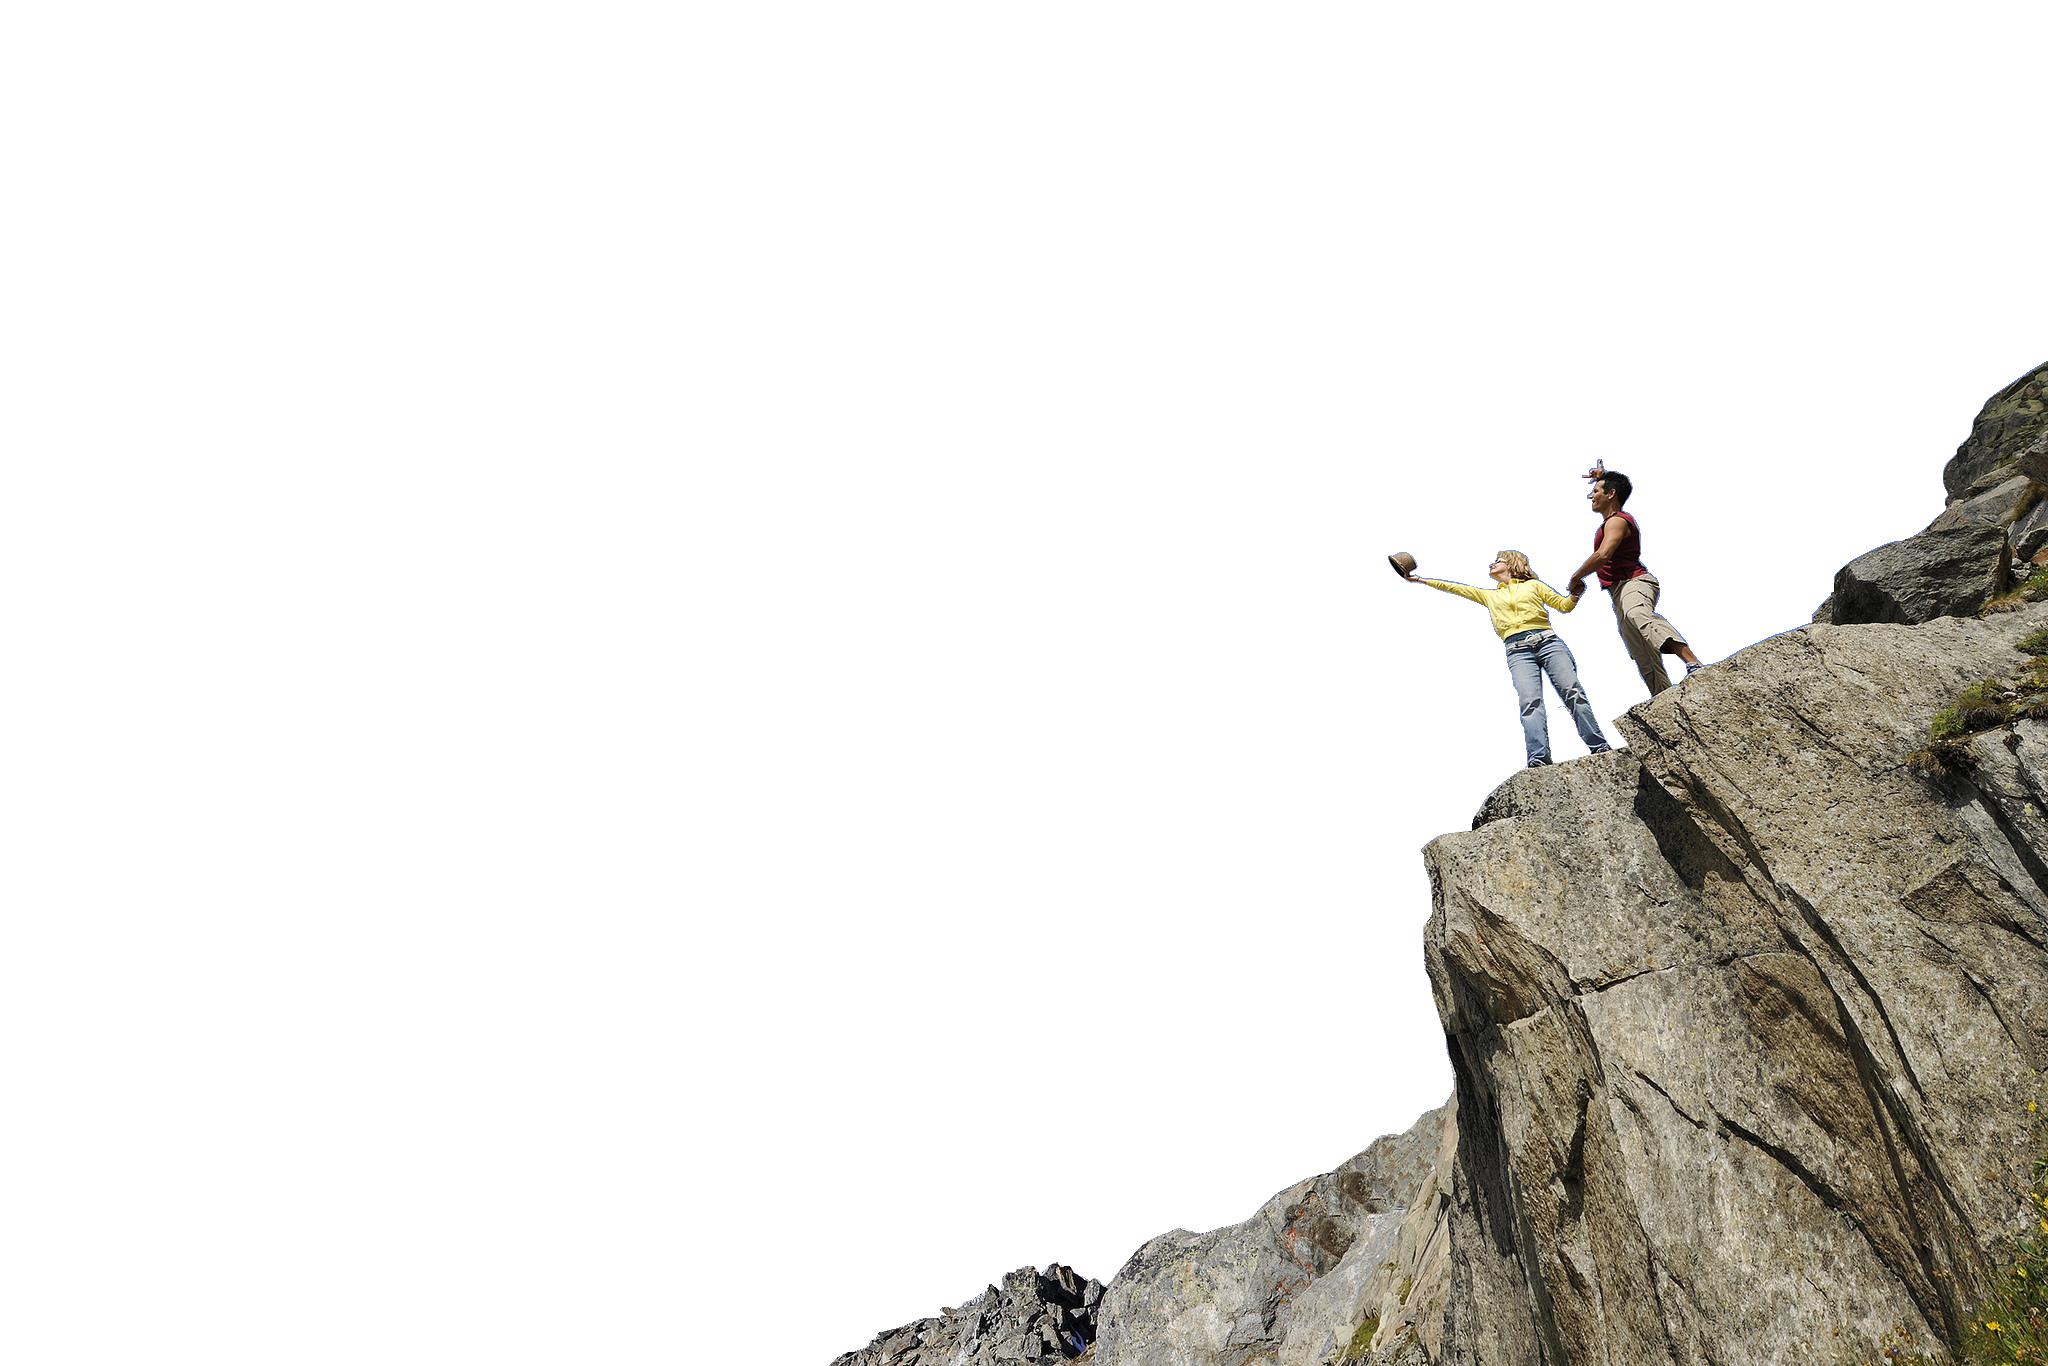 Een berg met 2 mensen